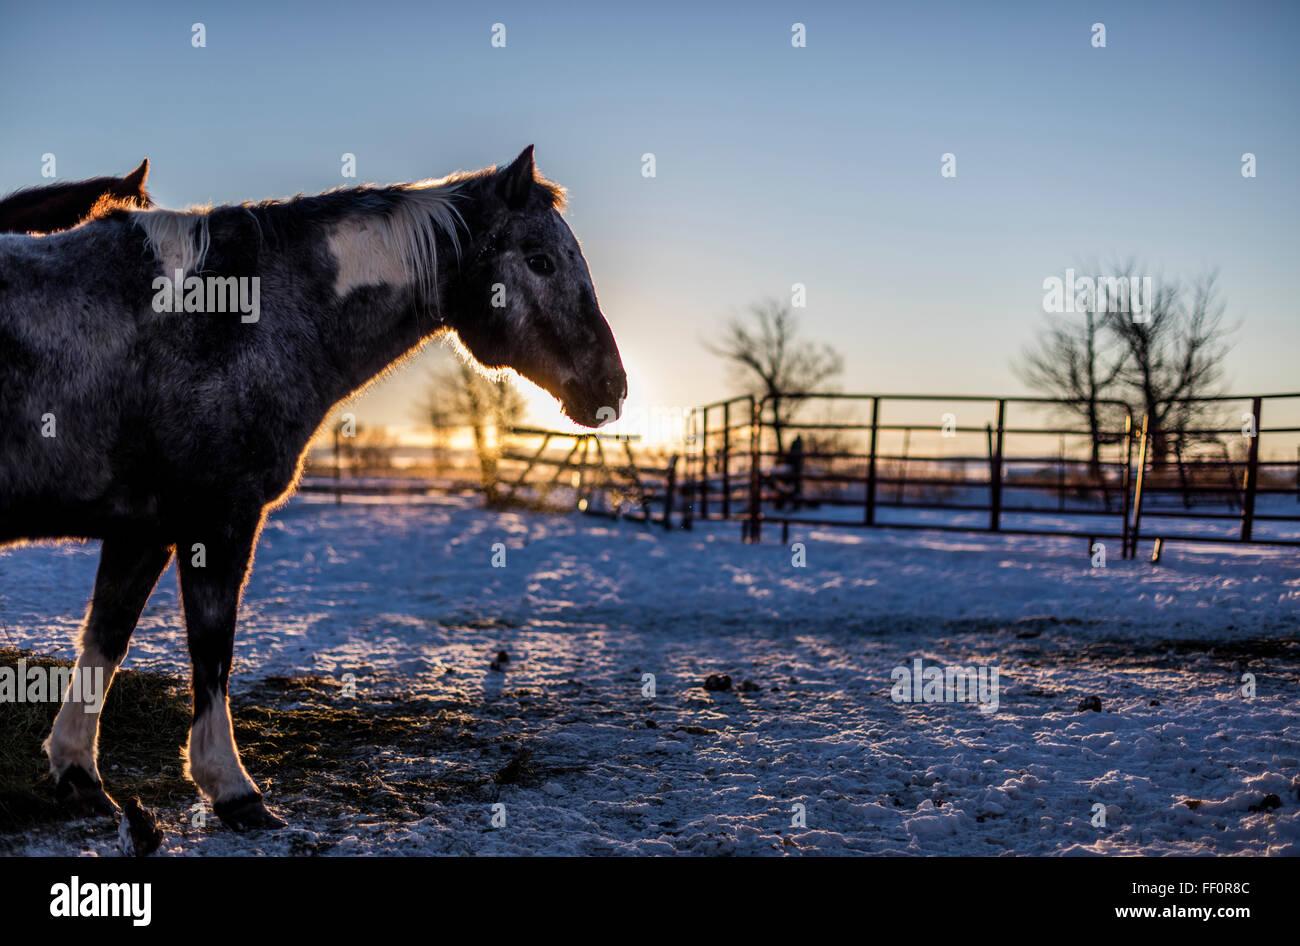 Mustangs adottato dalla wild attraverso un programma di governo nella loro nuova casa in Idaho orientale. Immagini Stock